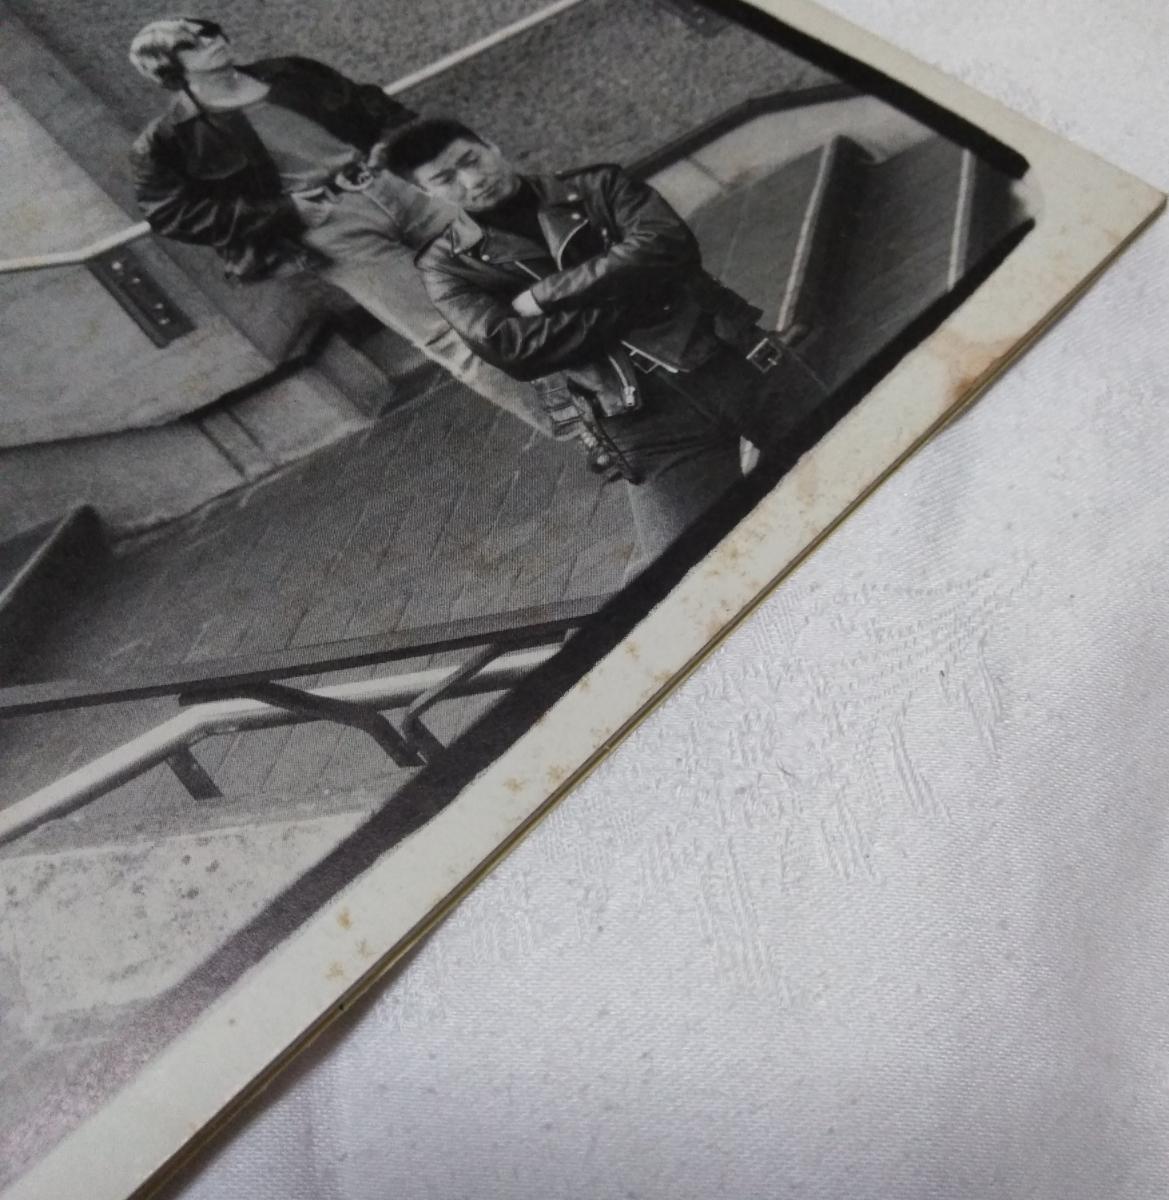 有頂天 公式ファンクラブ会報 シャイコナ vol.16&17 検/ケラリーノ・サンドロヴィッチ ナゴム 劇団健康_画像4